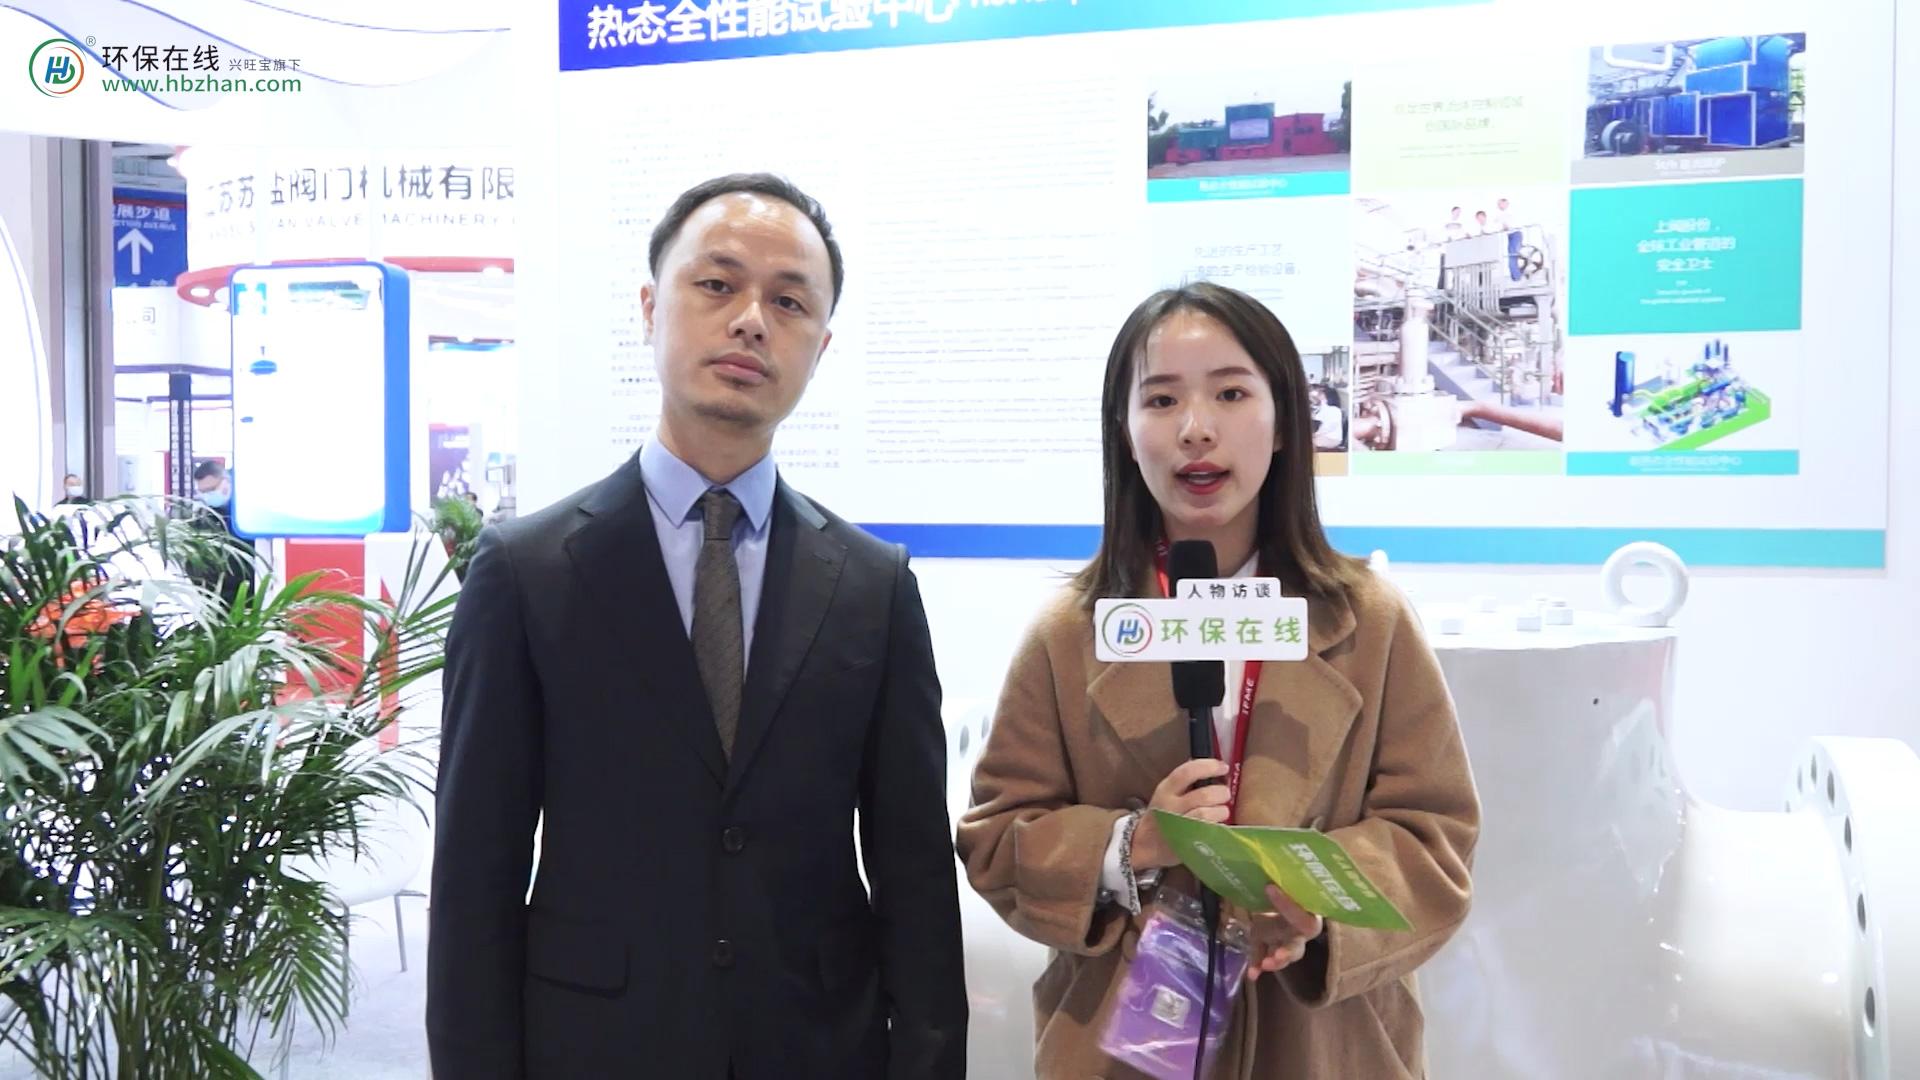 專訪:上海閥門廠股份有限公司銷售總監王琦